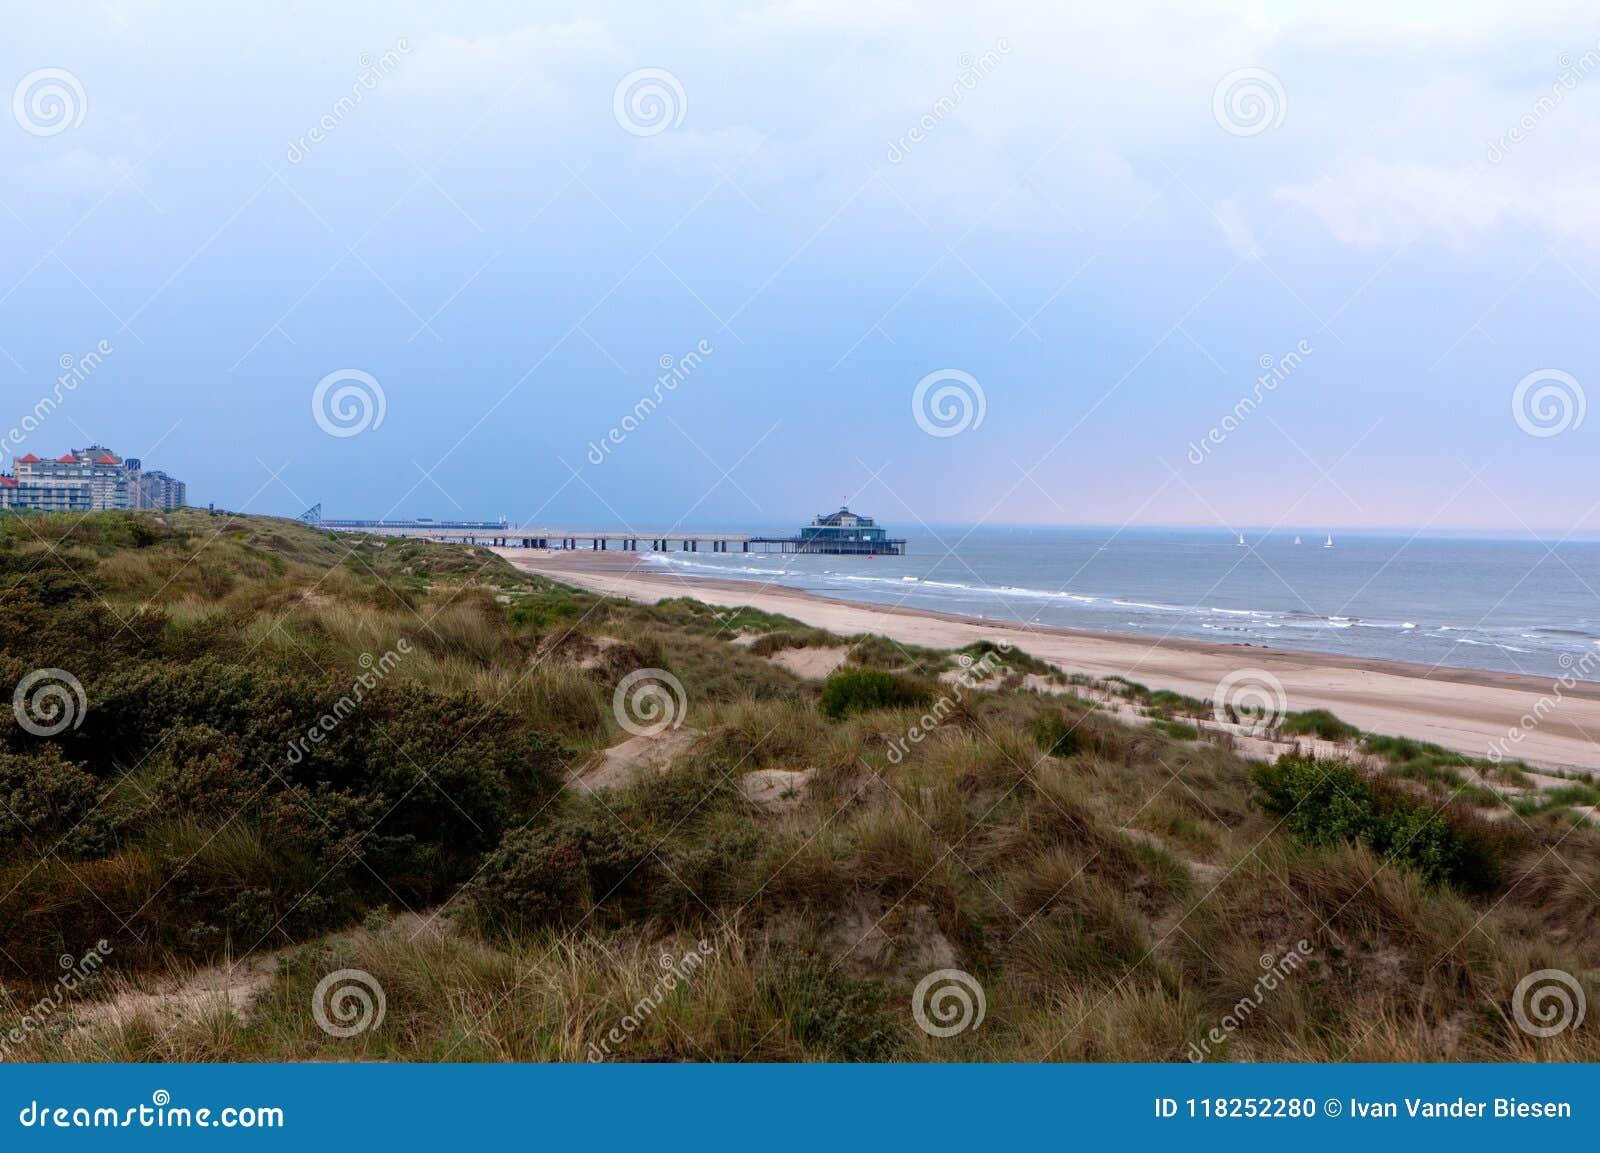 Pierdünen Nordsee Blankenberge, Flandern, Belgien